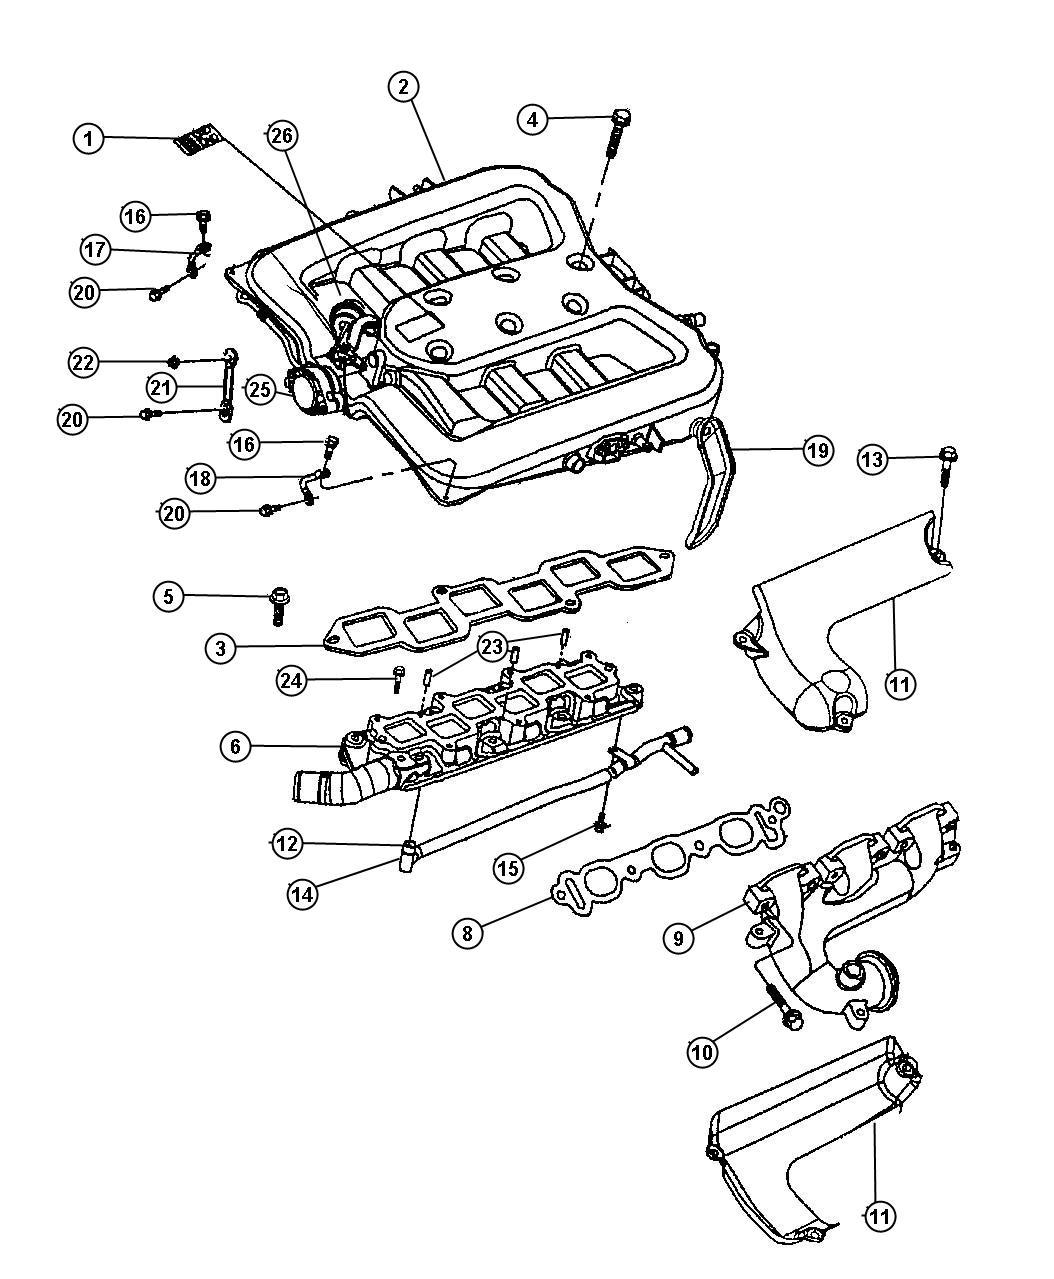 2000 dodge intrepid engine wiring diagram